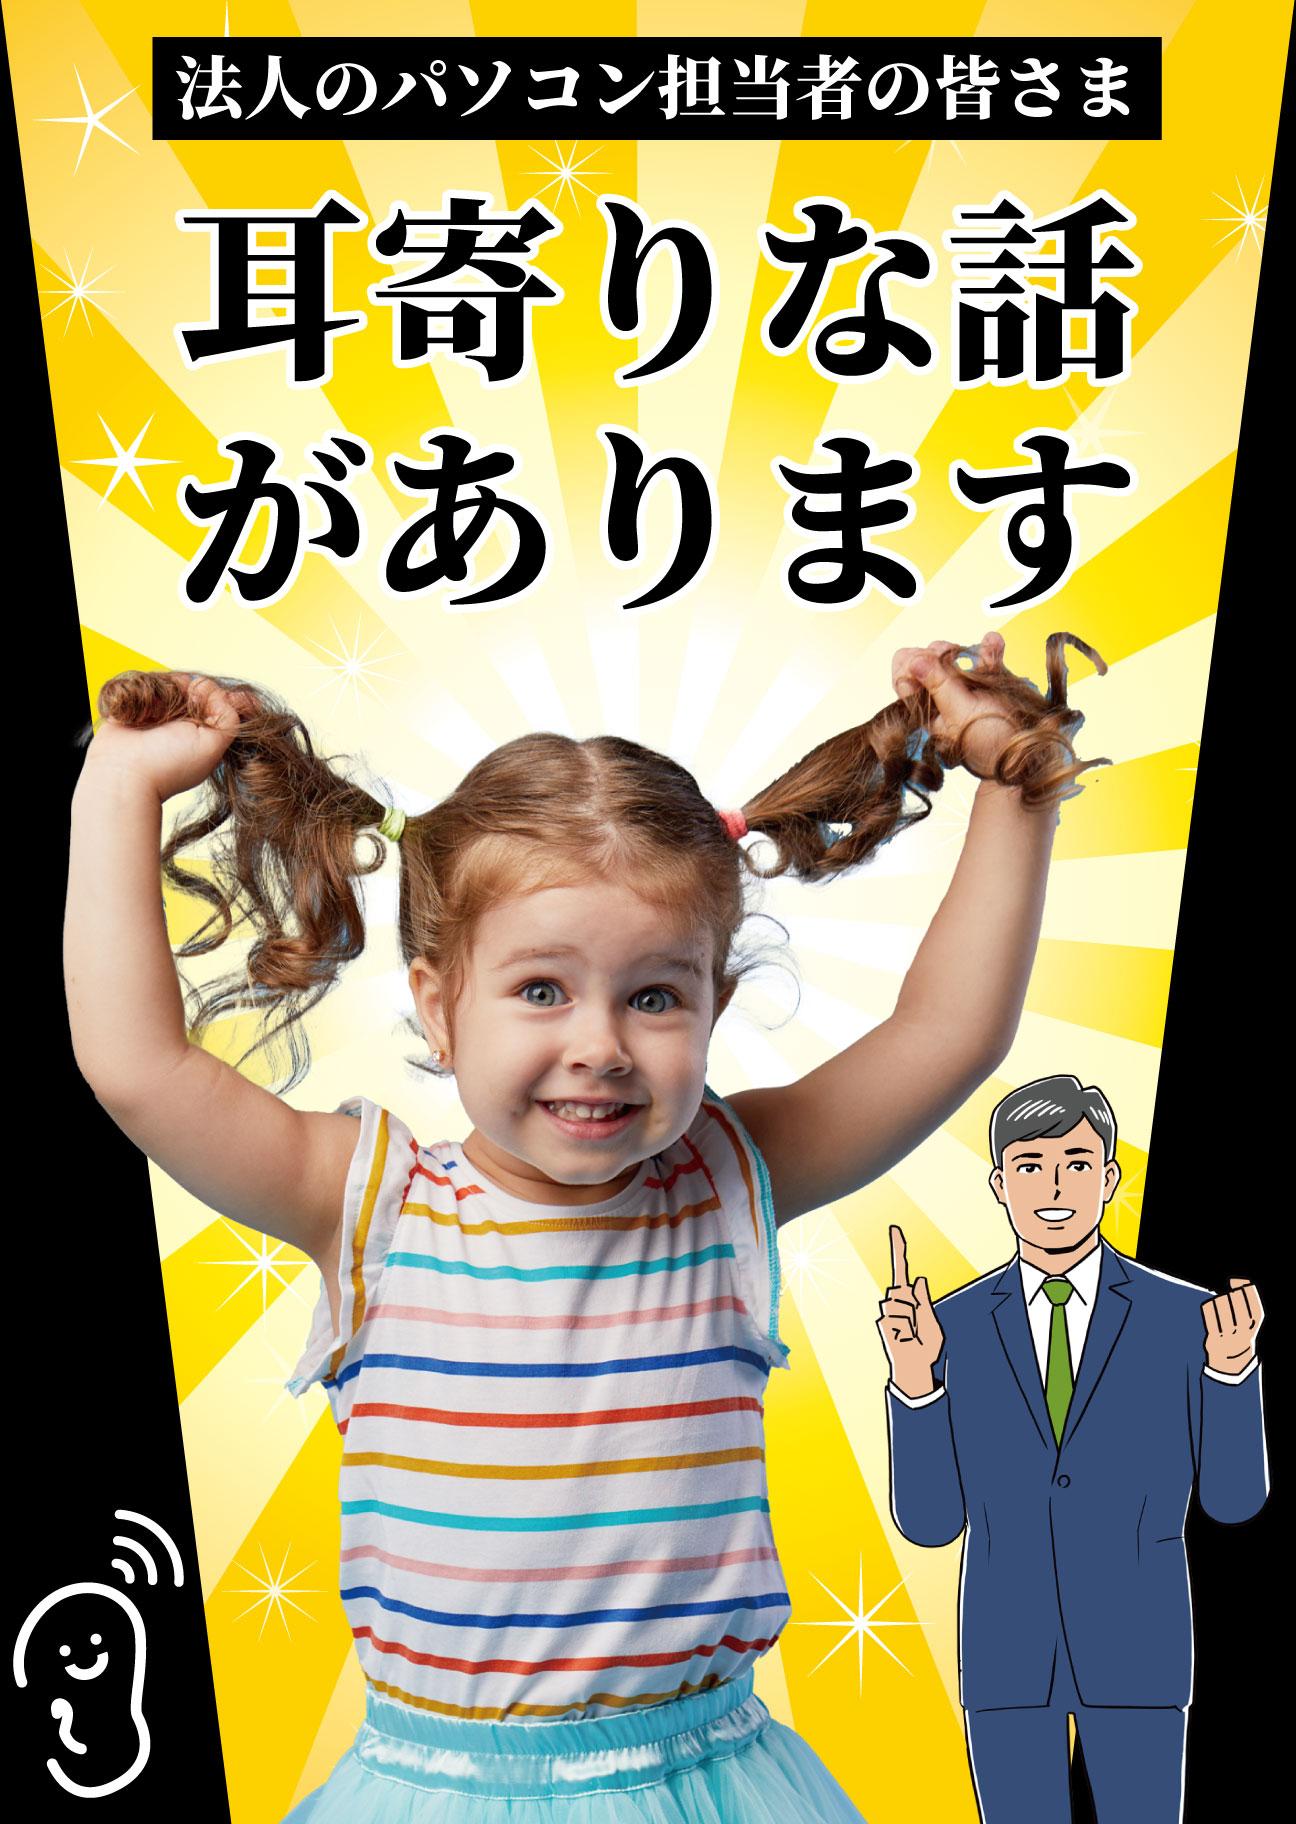 ITS・JAPAN法人向けキャンペーンは法人のパソコン担当者の方にとって耳寄りなお得な情報です。